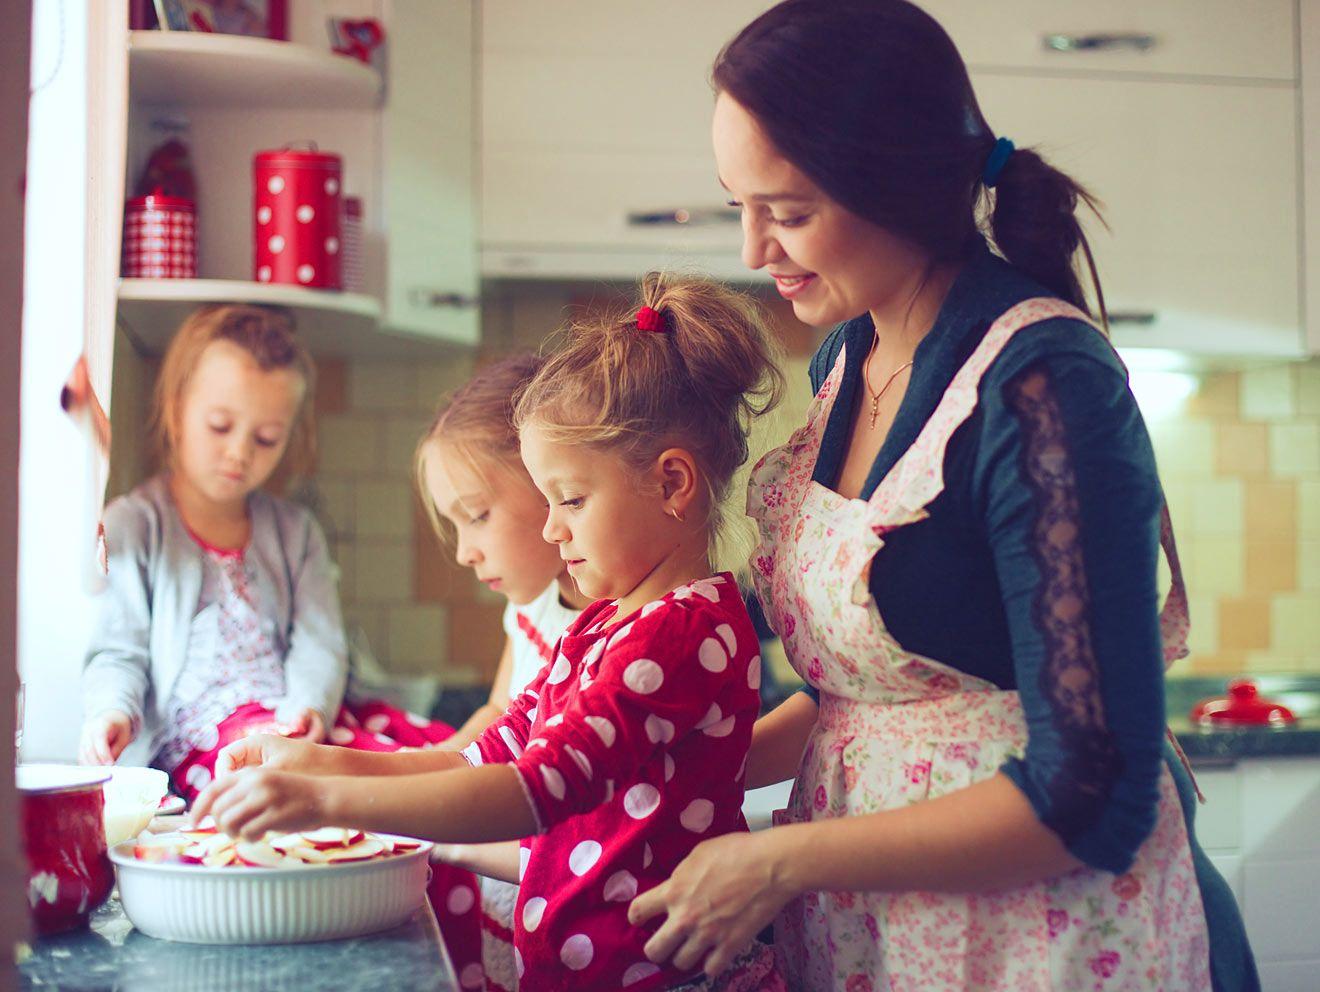 kochen mit kindern die besten tipps und rezepte f r kinder kochen f r kinder rezepte f r. Black Bedroom Furniture Sets. Home Design Ideas